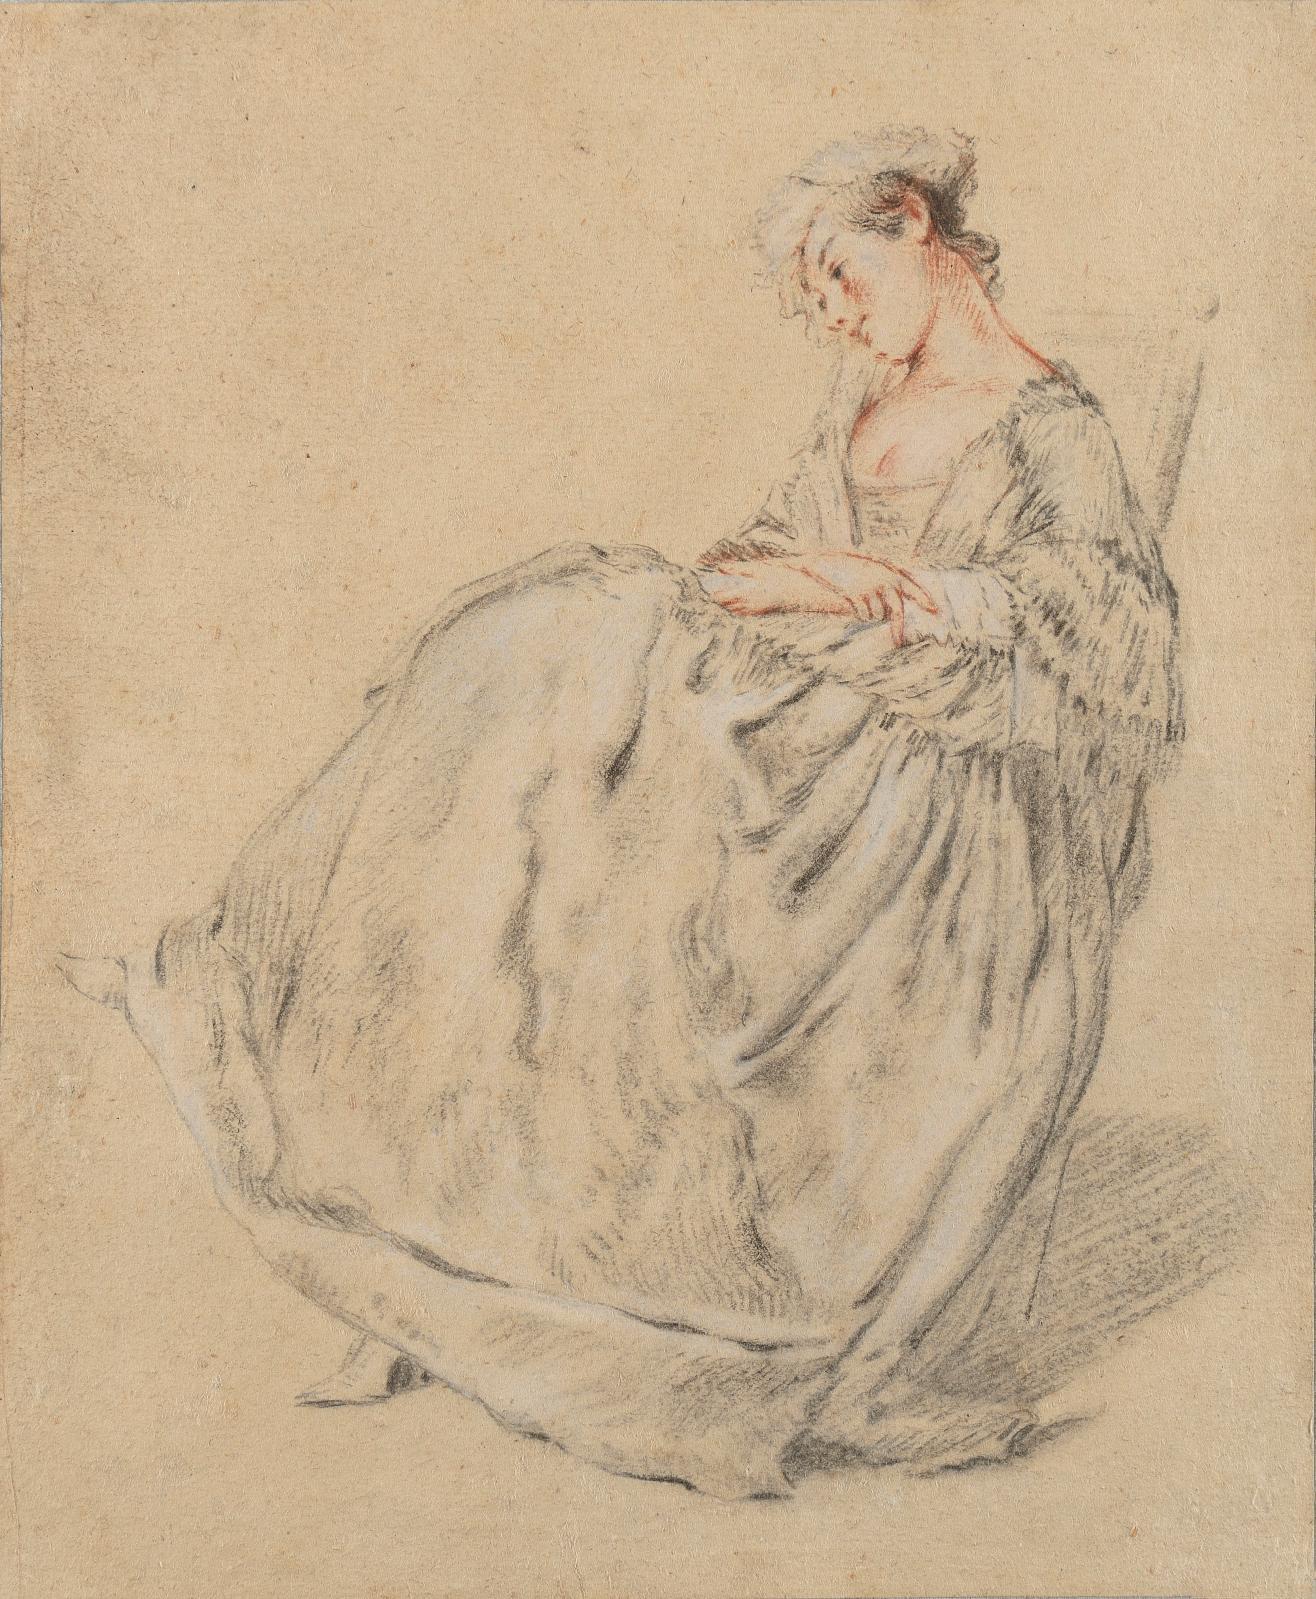 Nicolas Lancret (1690-1743), Jeune femme assise, les bras croisés, pierre noire, sanguine, rehauts de blanc sur papier, 25,4x21cm.